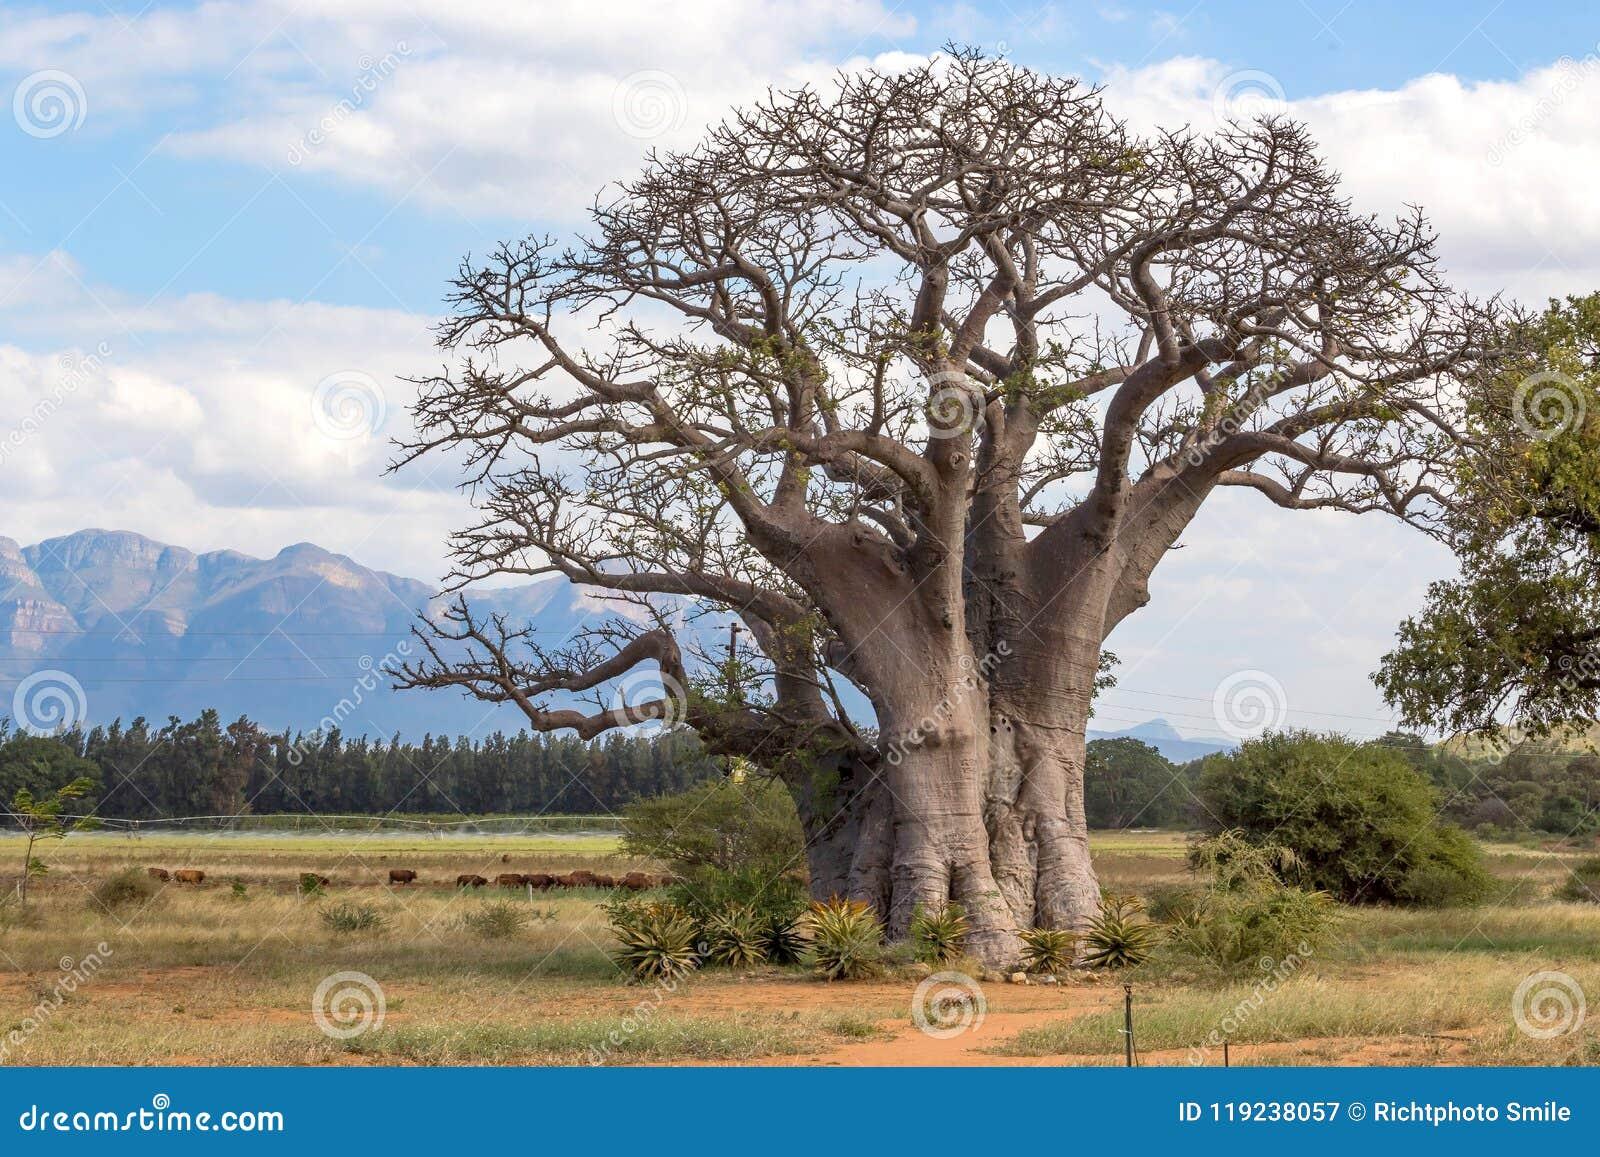 Árvore do Baobab com Mountain View no fundo